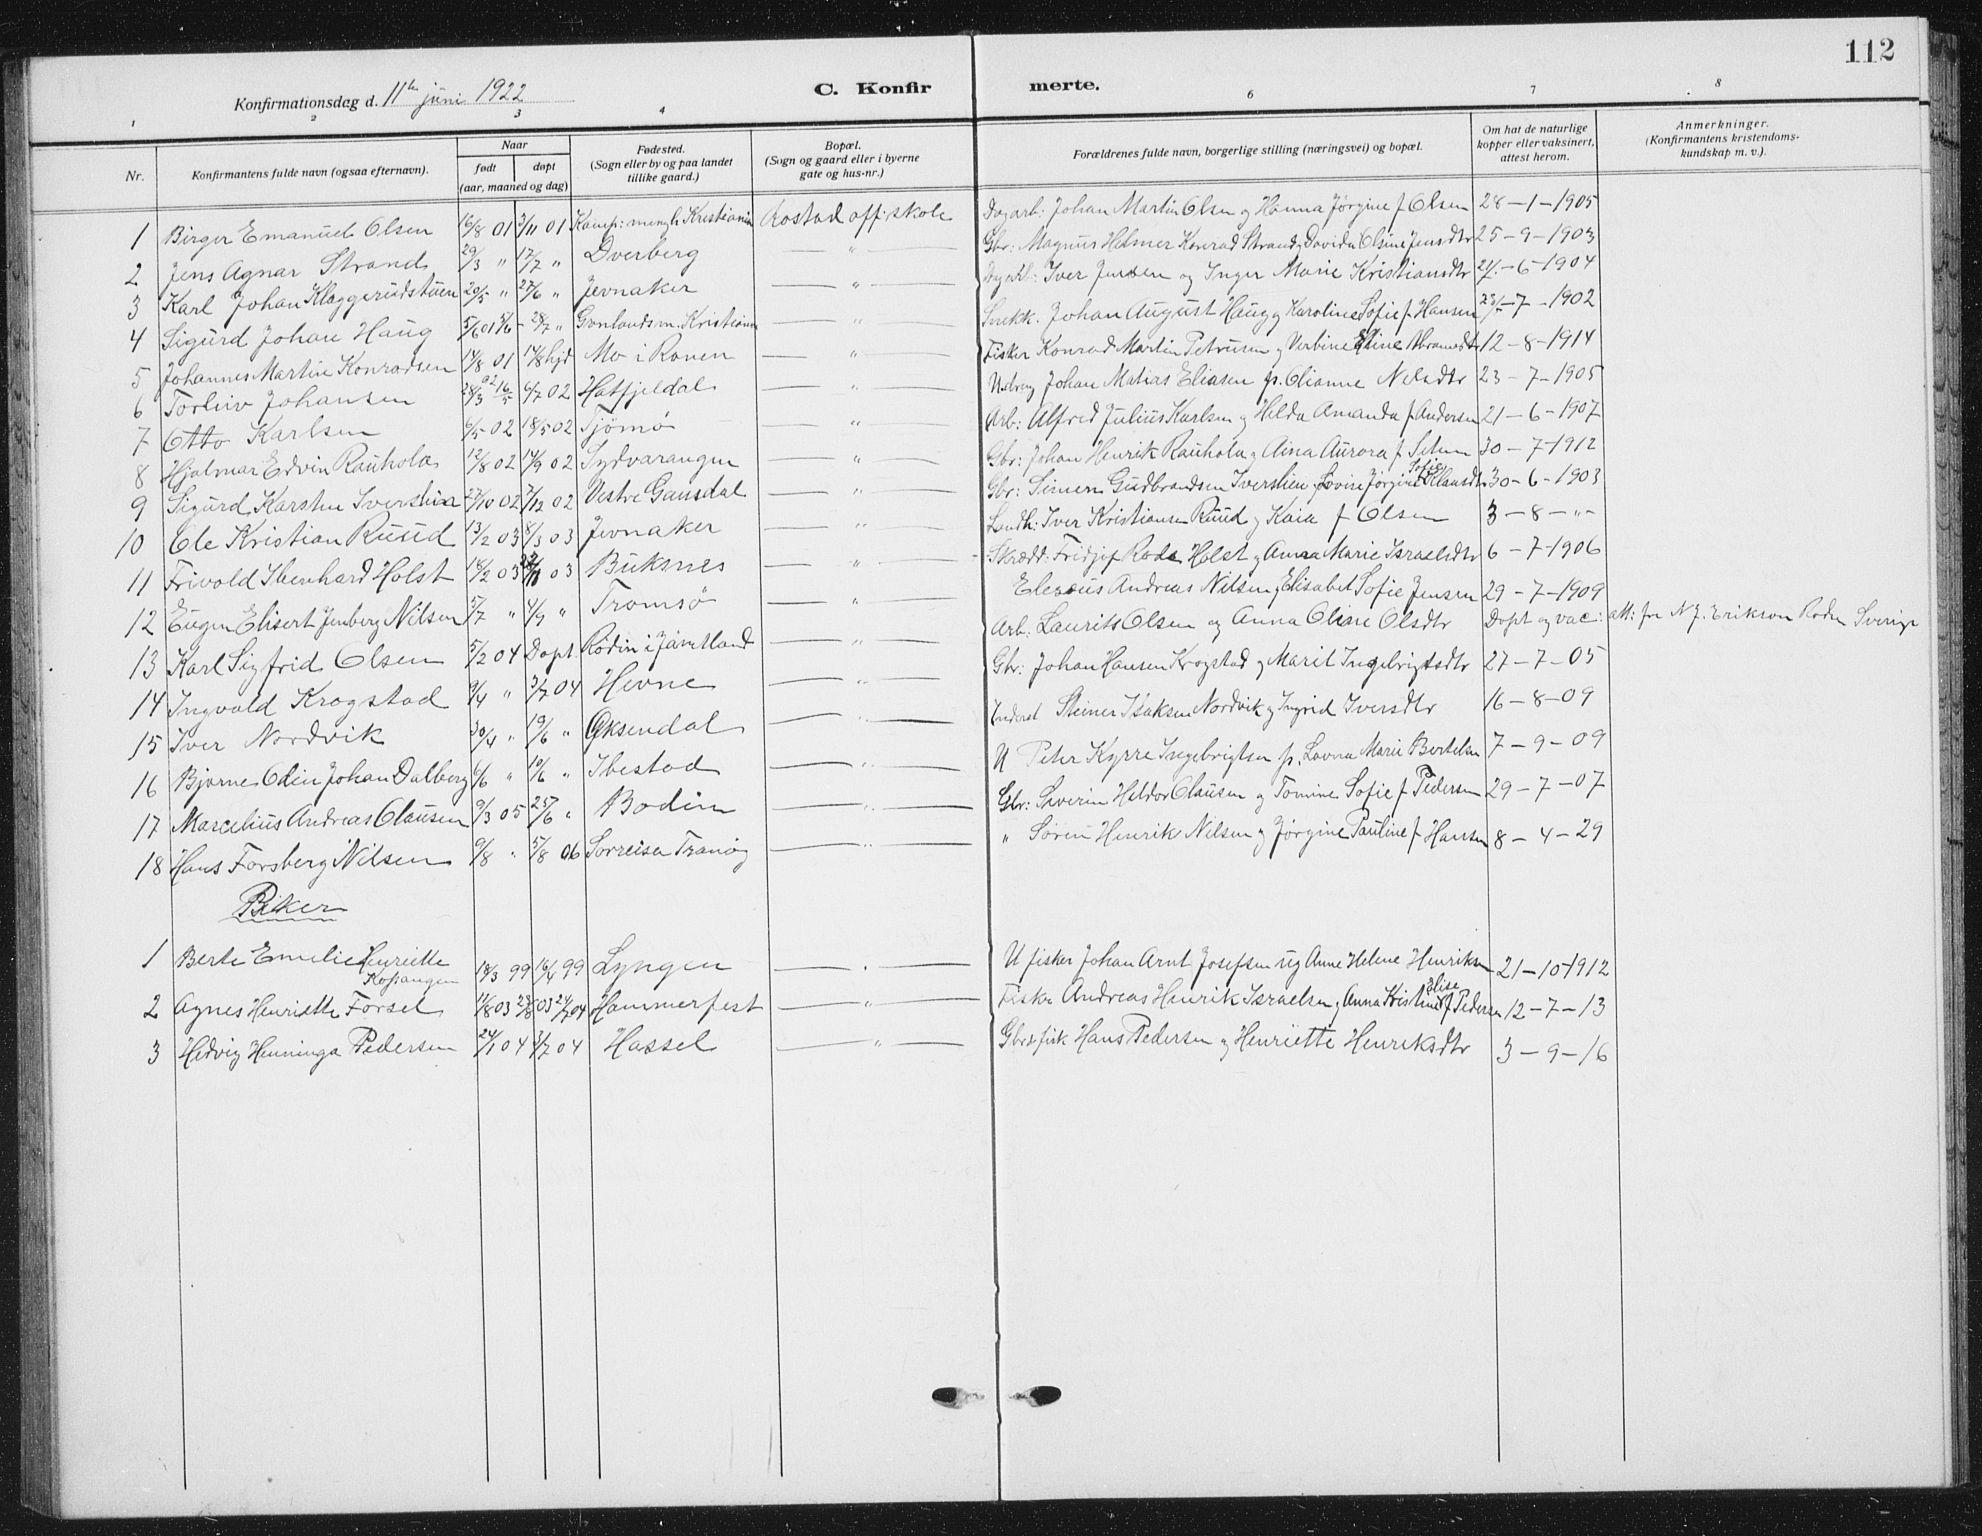 SAT, Ministerialprotokoller, klokkerbøker og fødselsregistre - Nord-Trøndelag, 721/L0209: Klokkerbok nr. 721C02, 1918-1940, s. 112